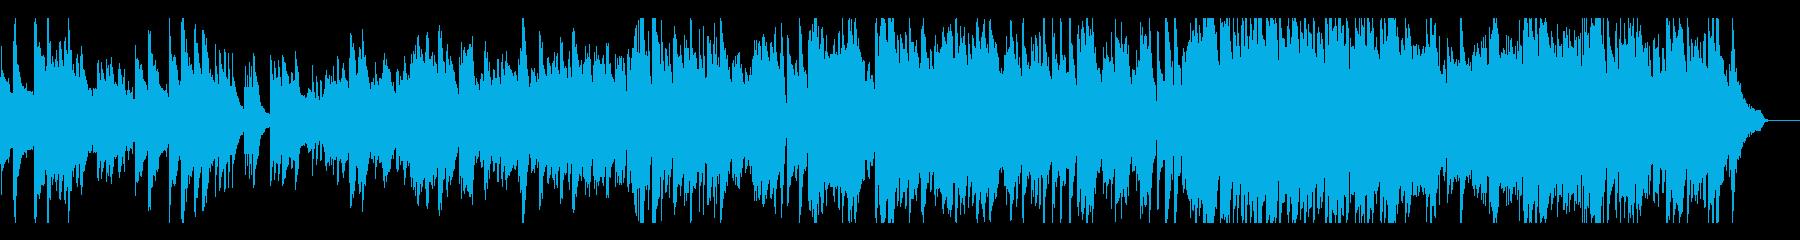 リズミカルな和風曲の再生済みの波形